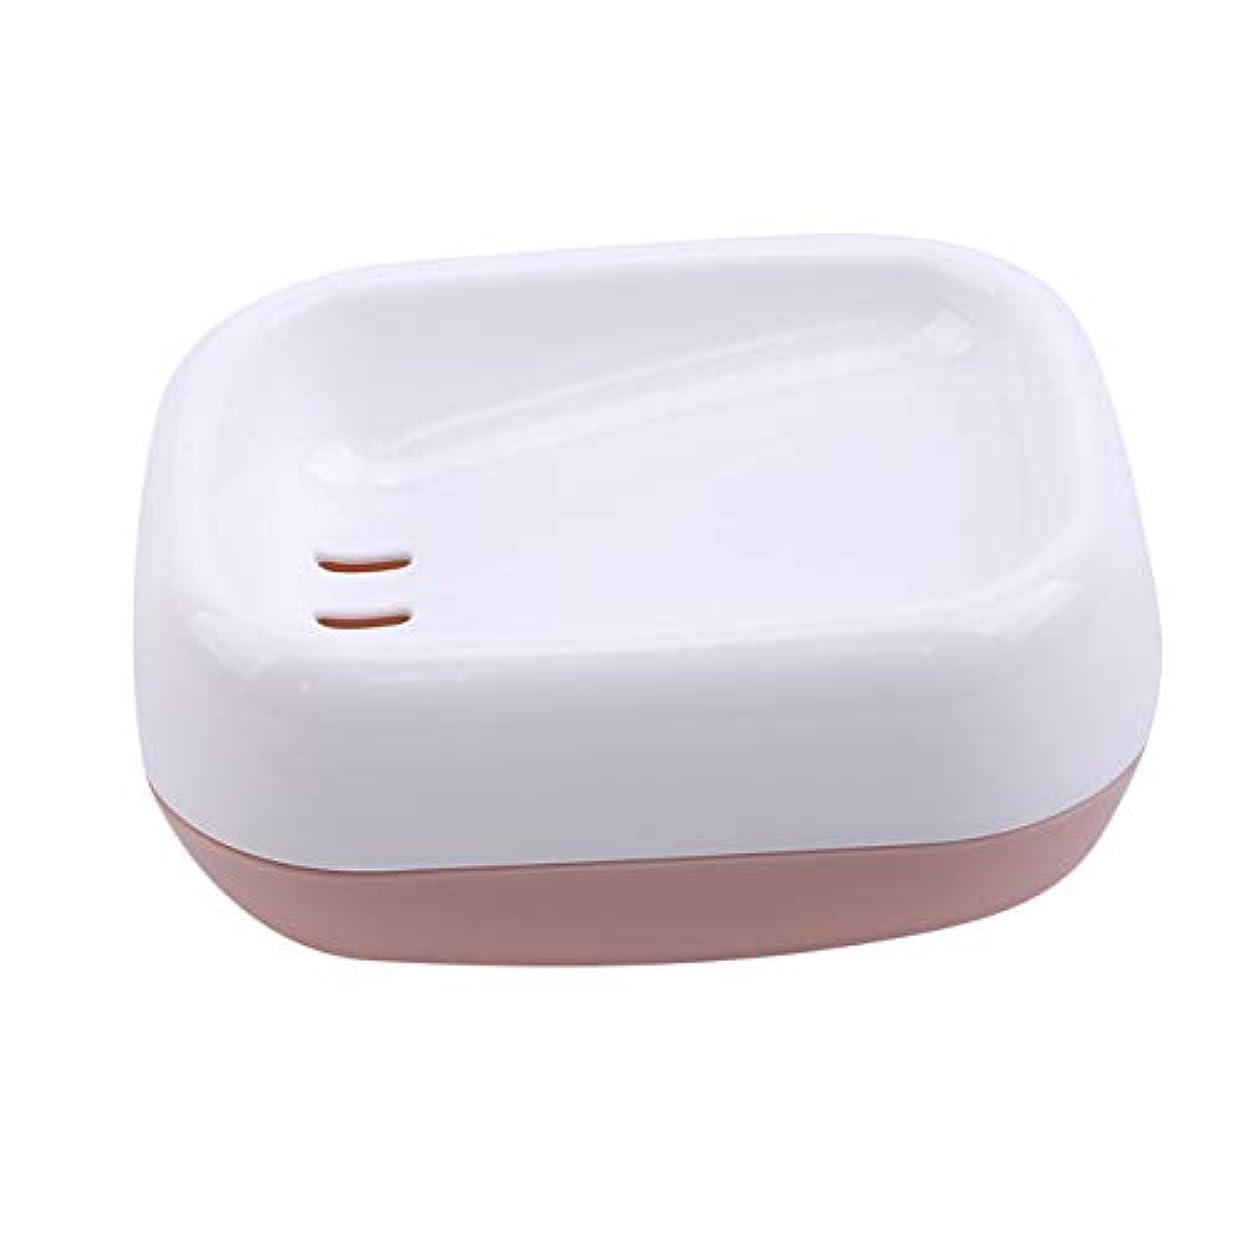 歯科医恵み一元化するZALINGソープディッシュボックス浴室プラスチック二重層衛生的なシンプル排水コンテナソープディッシュピンク